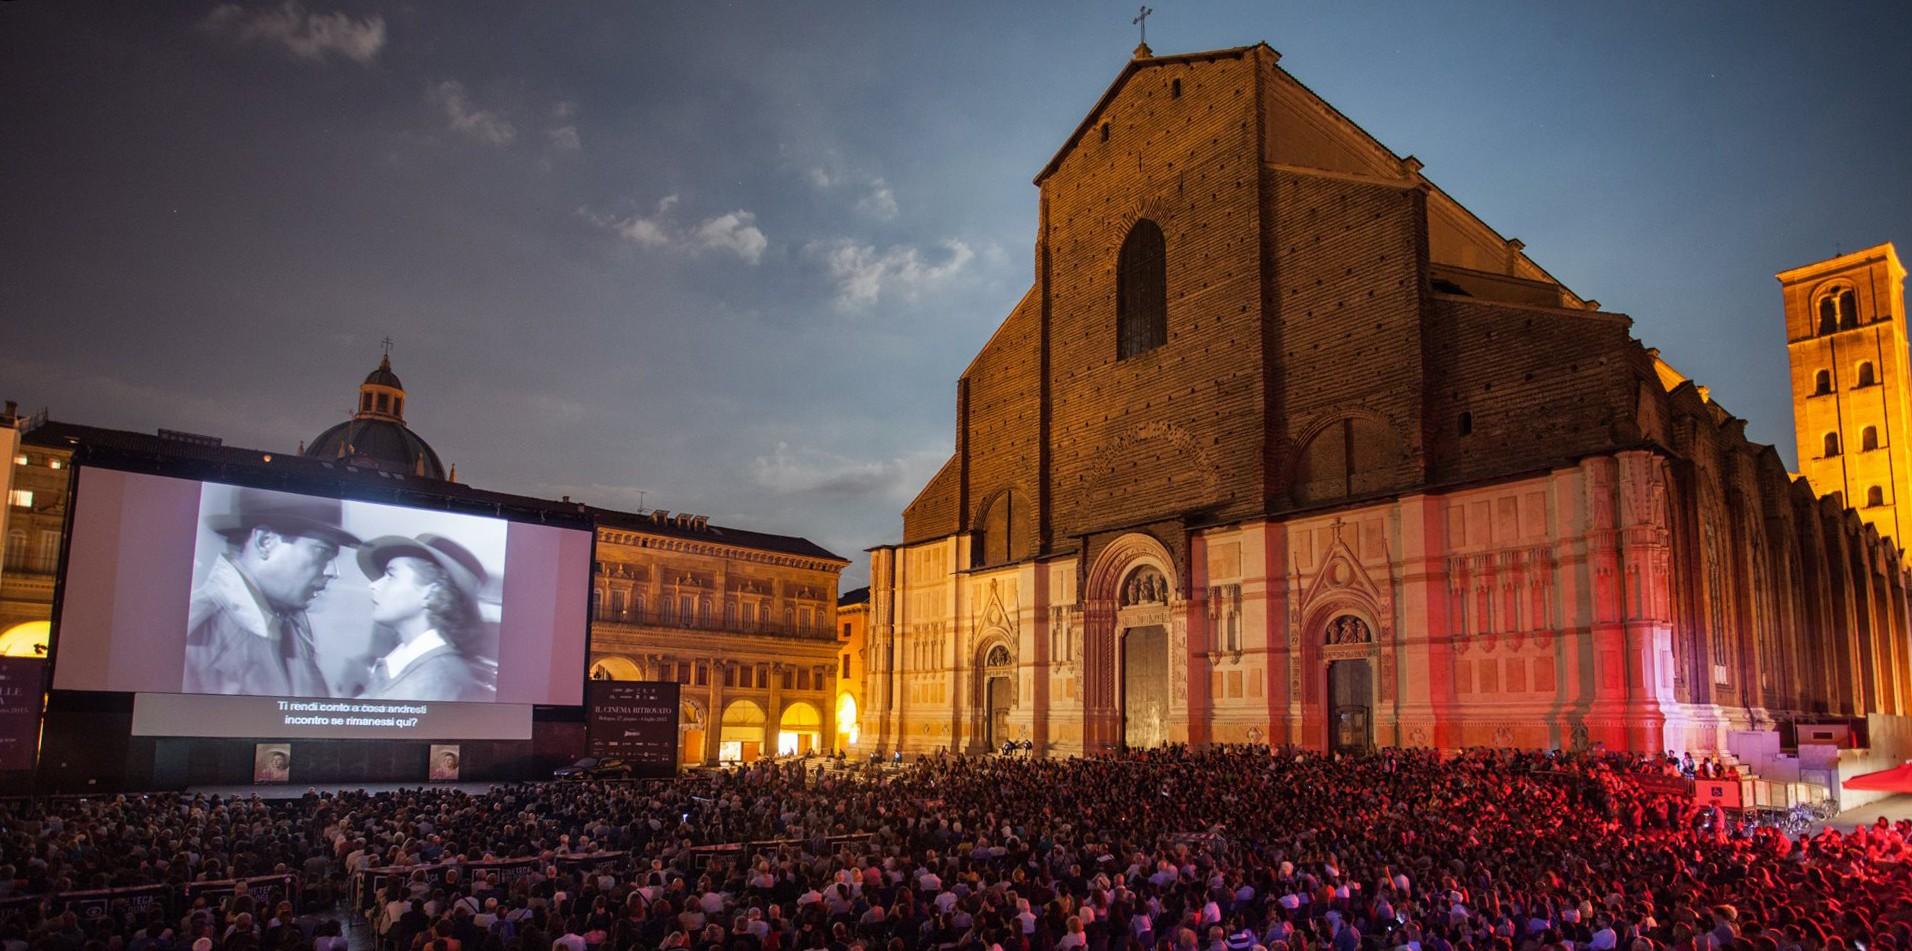 Piazza Maggiore during the Cinema Ritrovato Film Festival